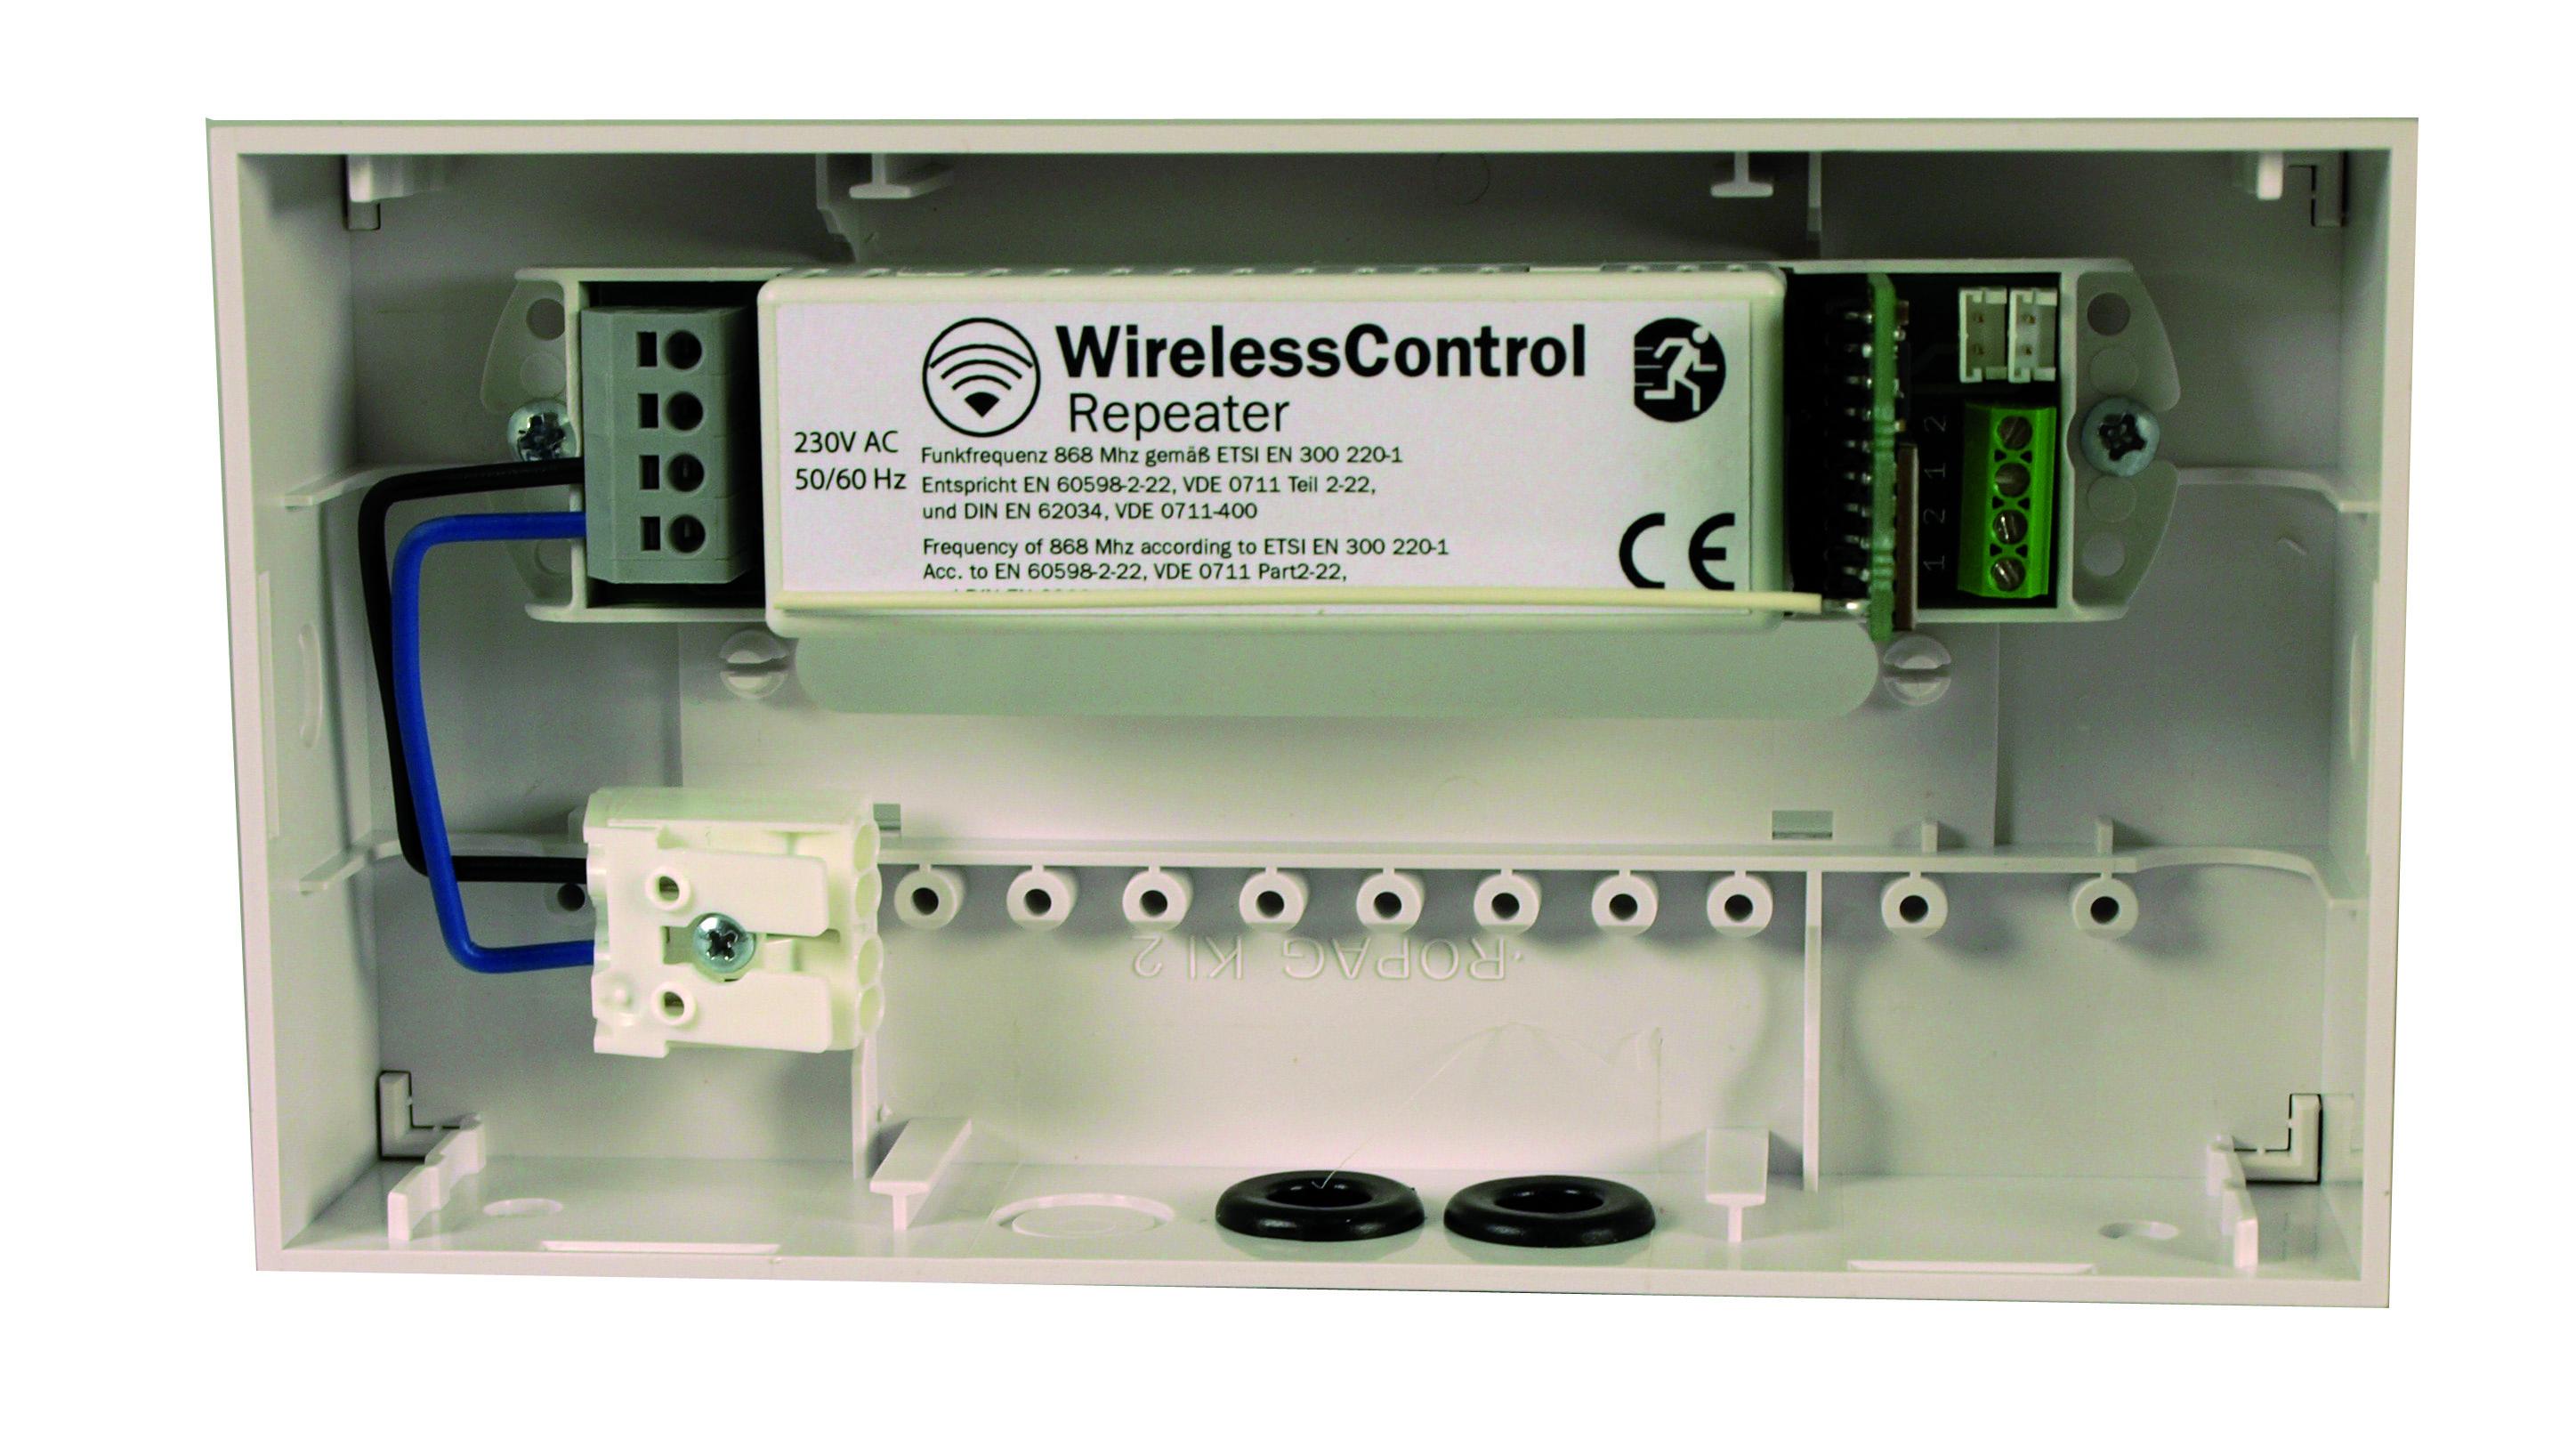 1 Stk Repeater für WirelessControl (230VAC) NLWLREP1--